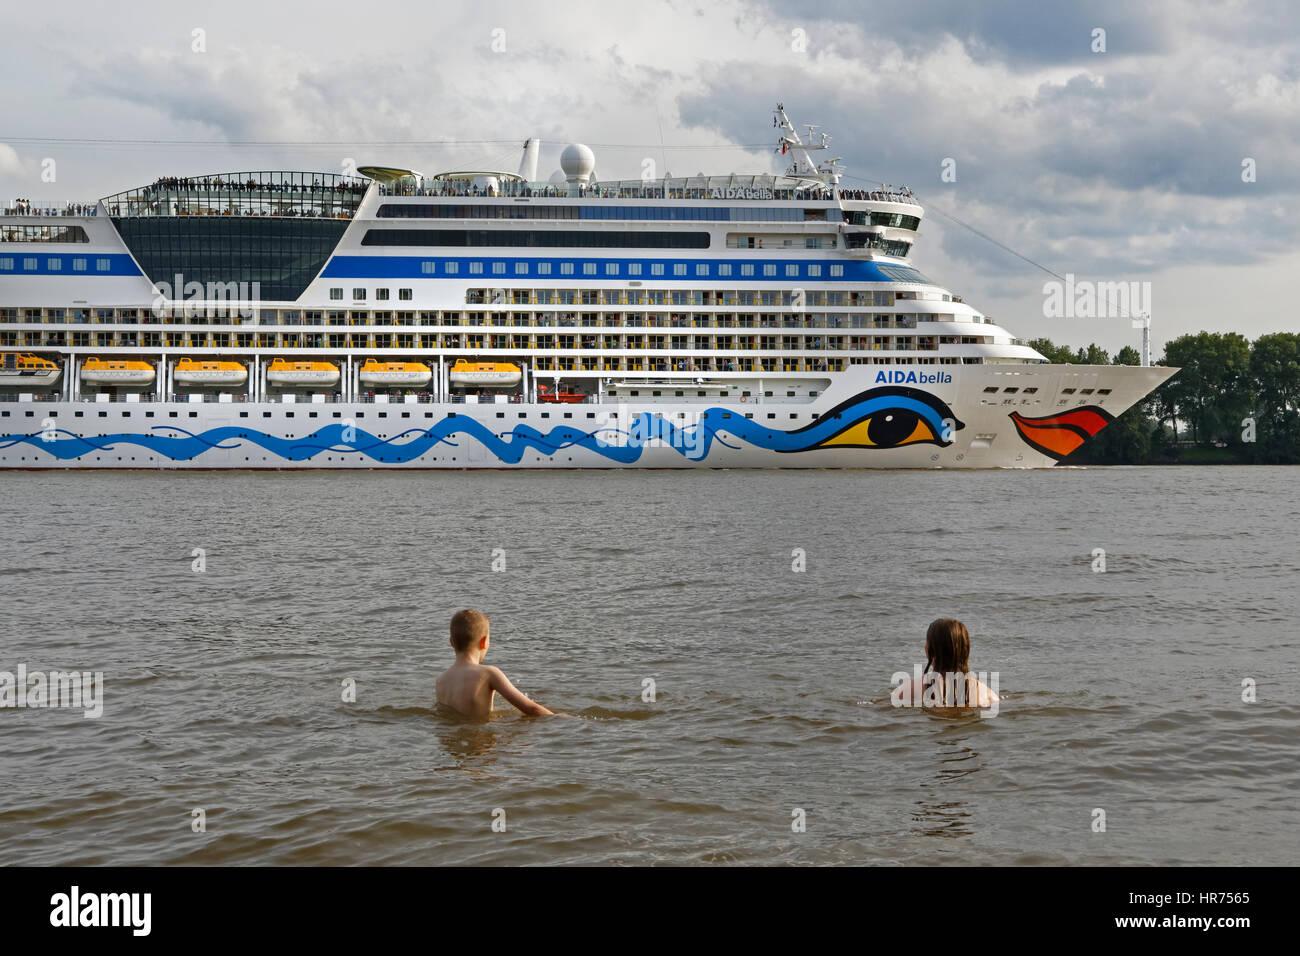 Zwei Kinder, die schwimmen vor einer Cruise Liner, Hamburg, Deutschland, Europa Stockbild